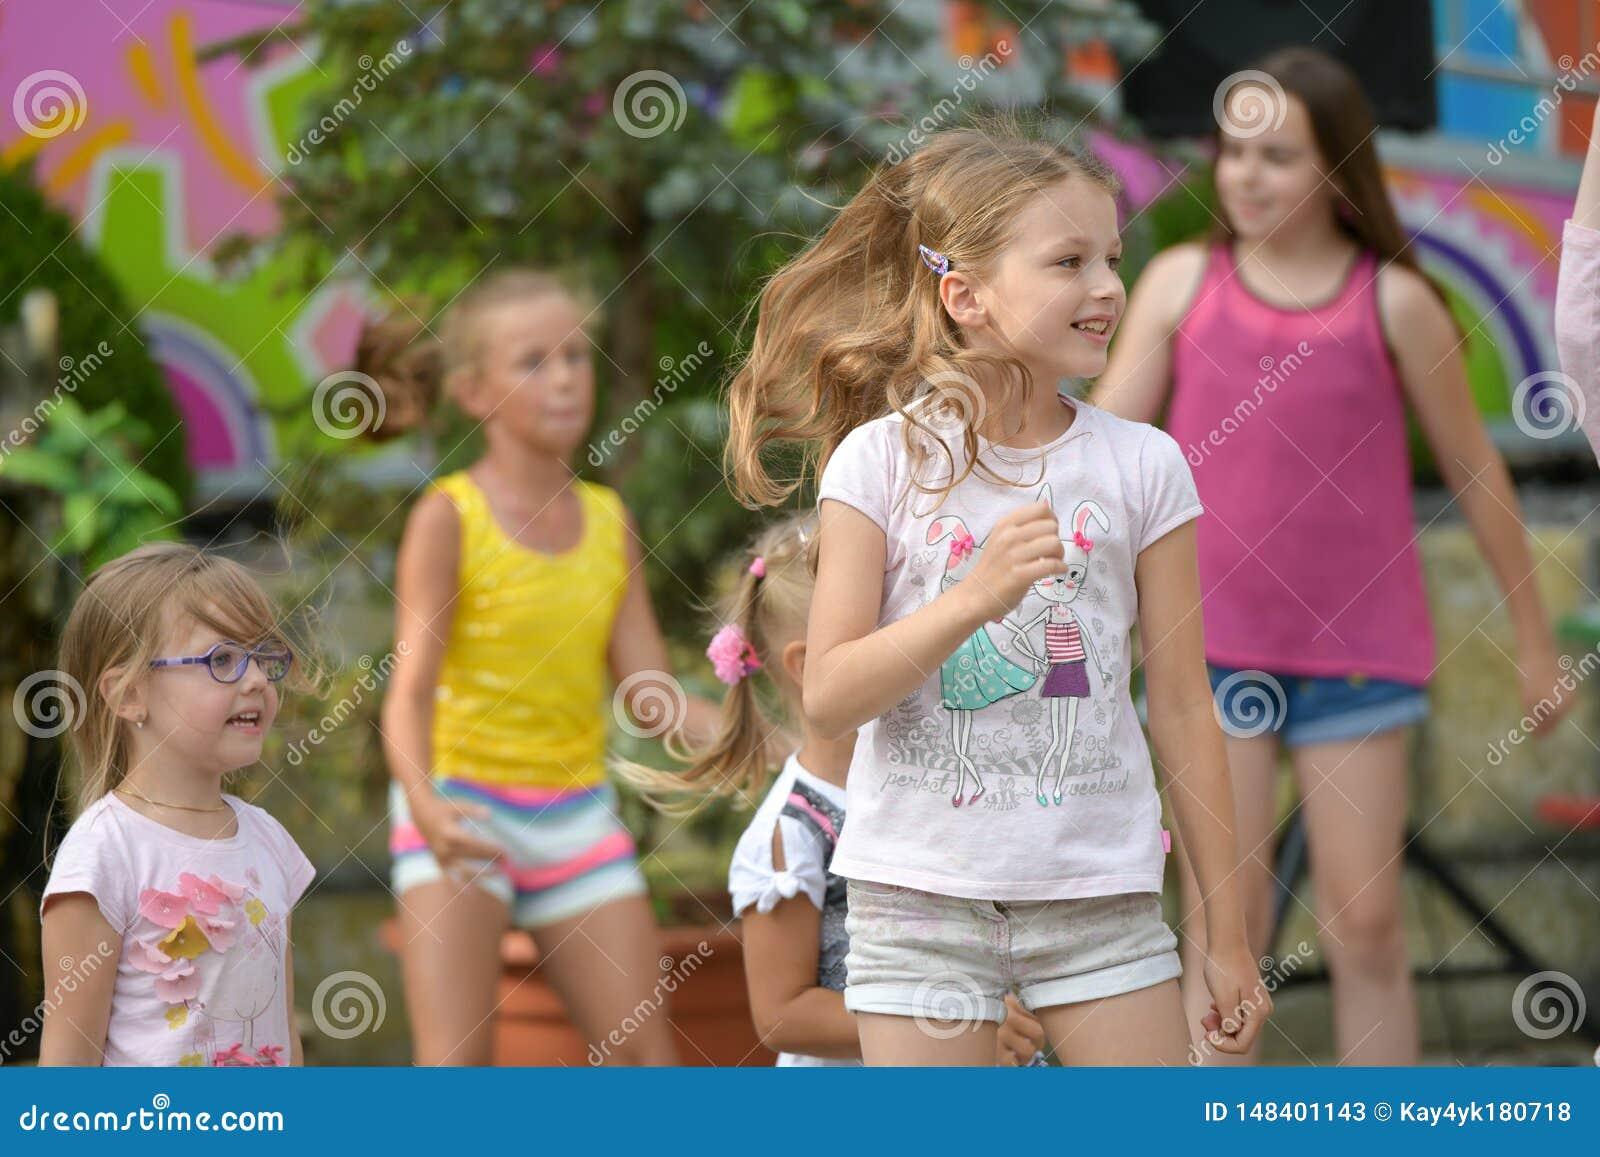 Een grote groep het gelukkige de jonge geitjes van pretsporten springen, sporten en het dansen Kinderjaren, vrijheid, geluk, het